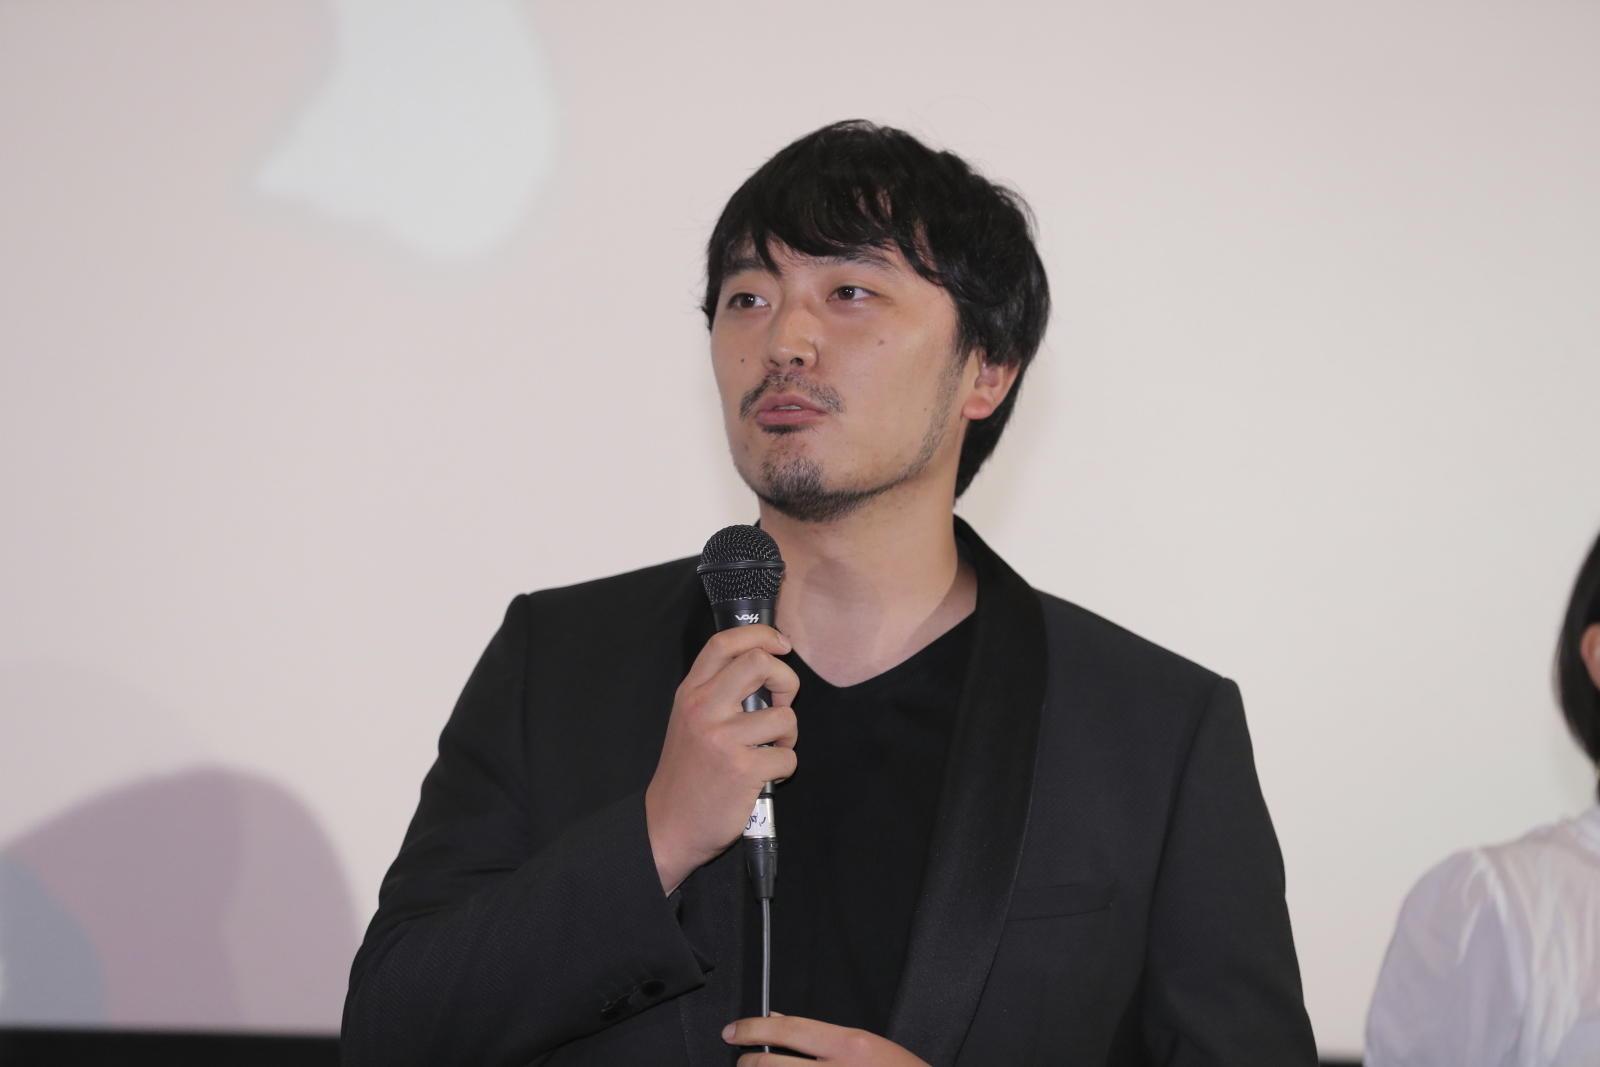 http://news.yoshimoto.co.jp/20170716173308-cc939ed1aaf2b22e14f6bbbab14a14dab901b969.jpg